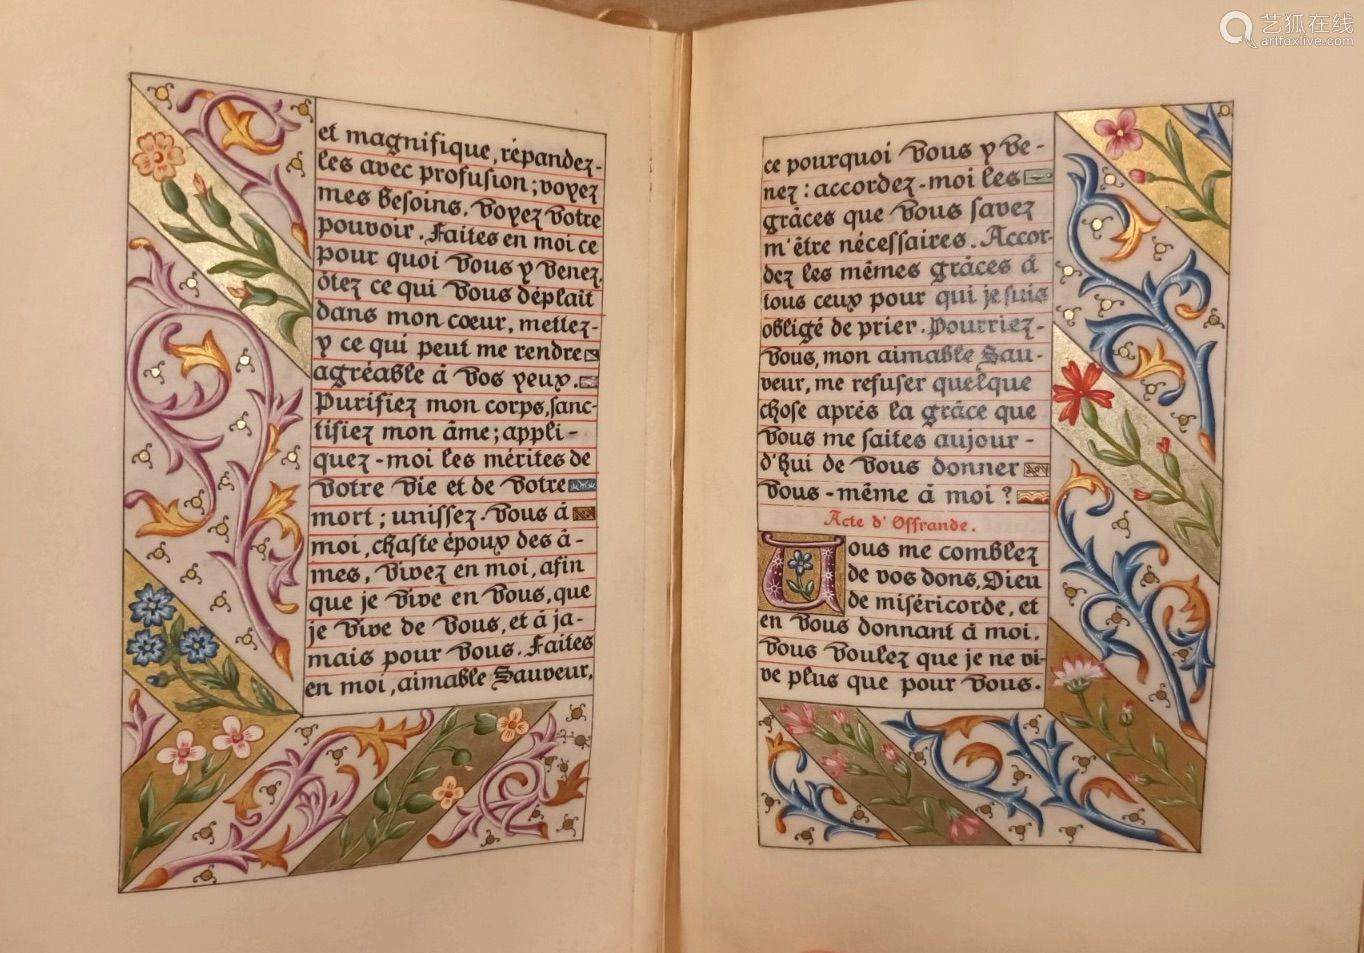 LIVRE D'HEURES.Exceptionnel manuscrit enluminé, intitulé